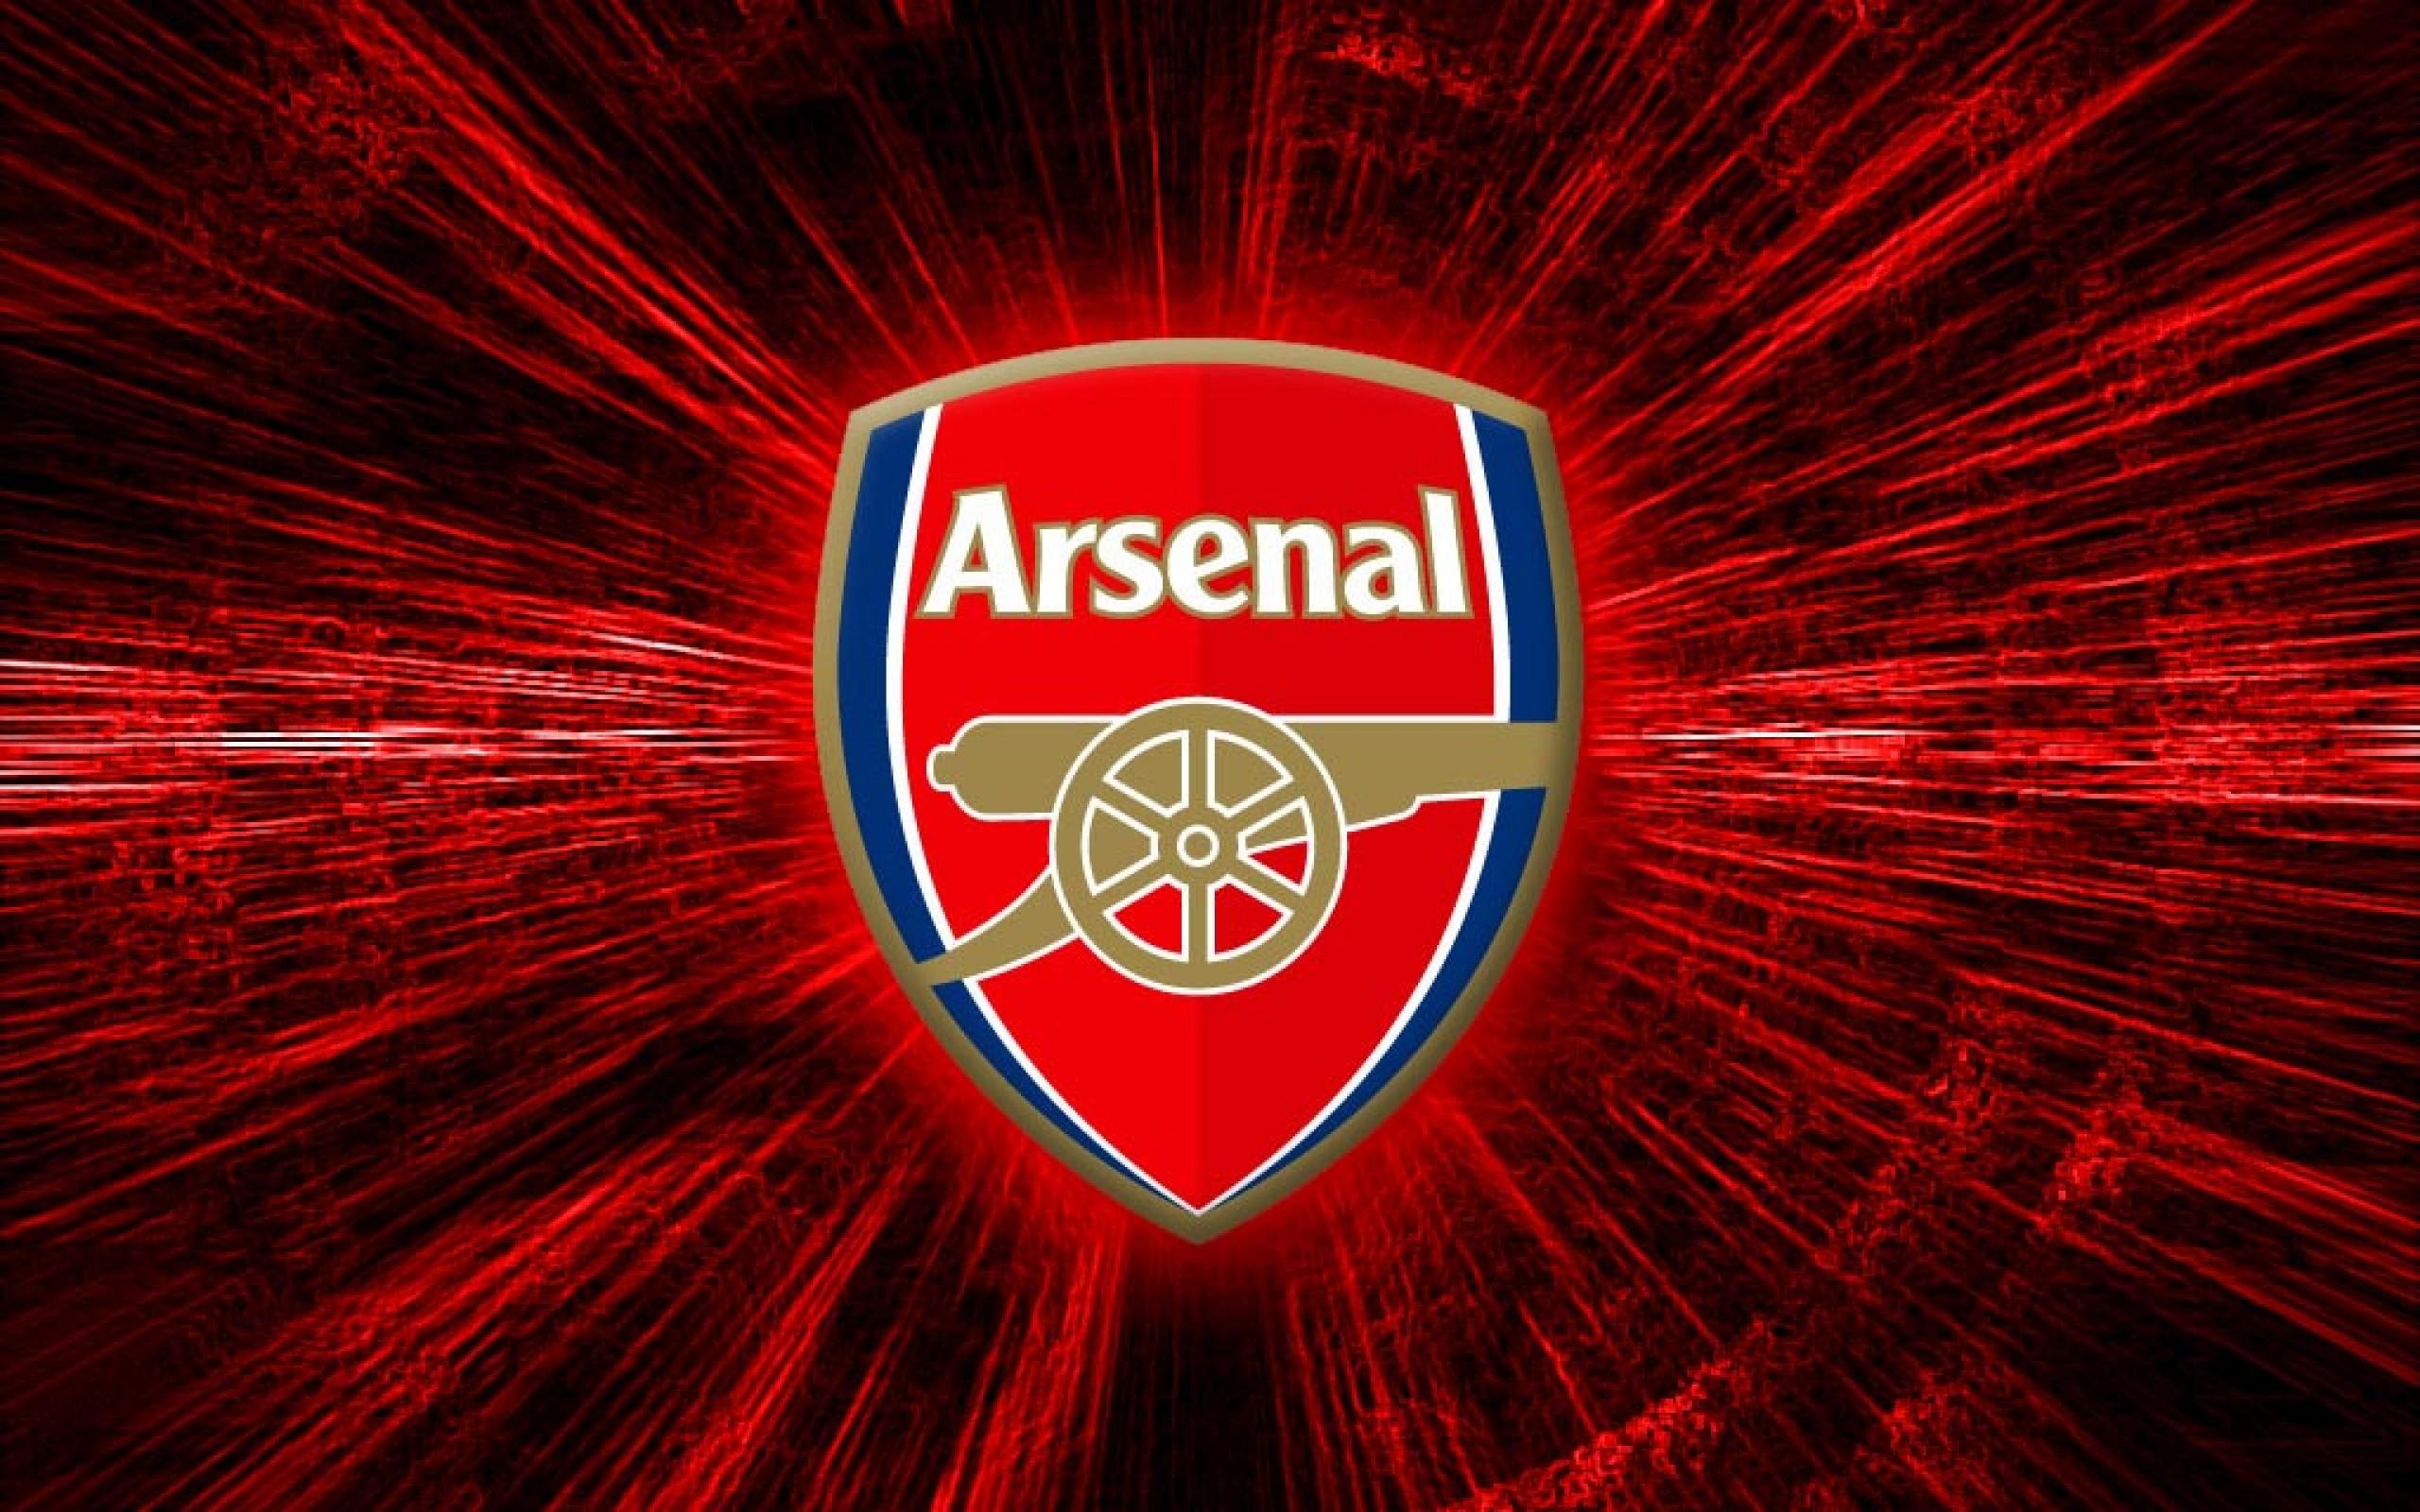 Arsenal desktop image Arsenal FC wallpapers 2560x1600